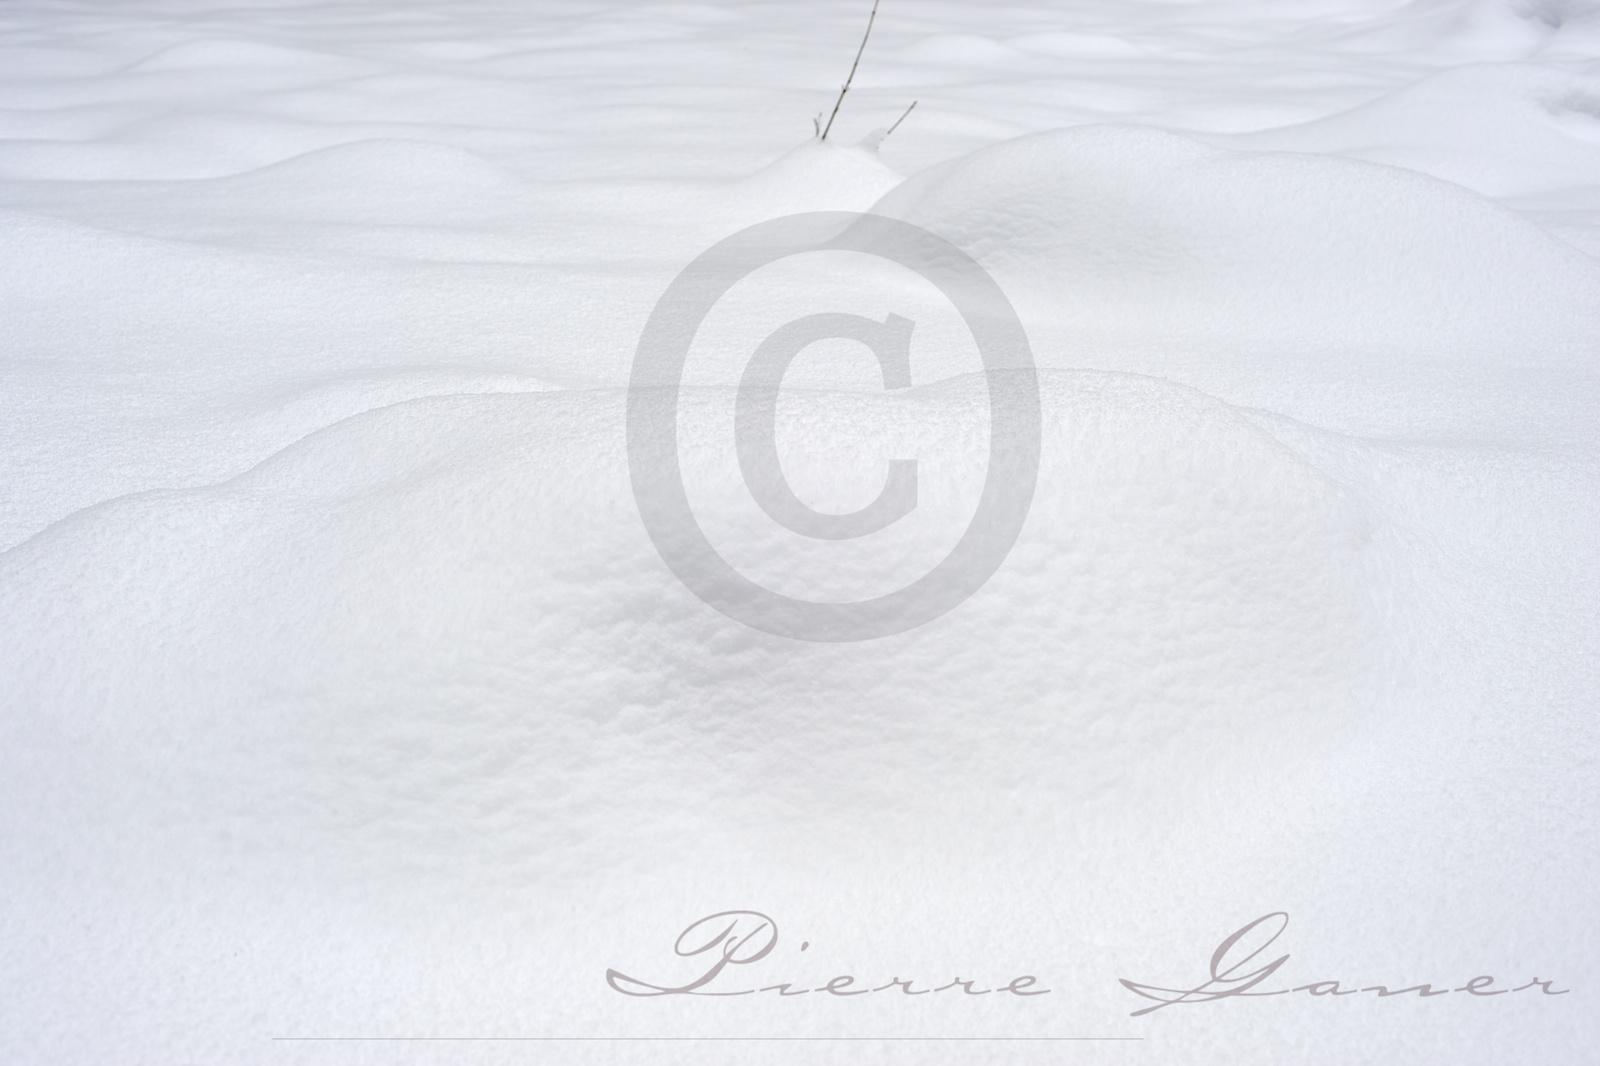 Il neige en Velay